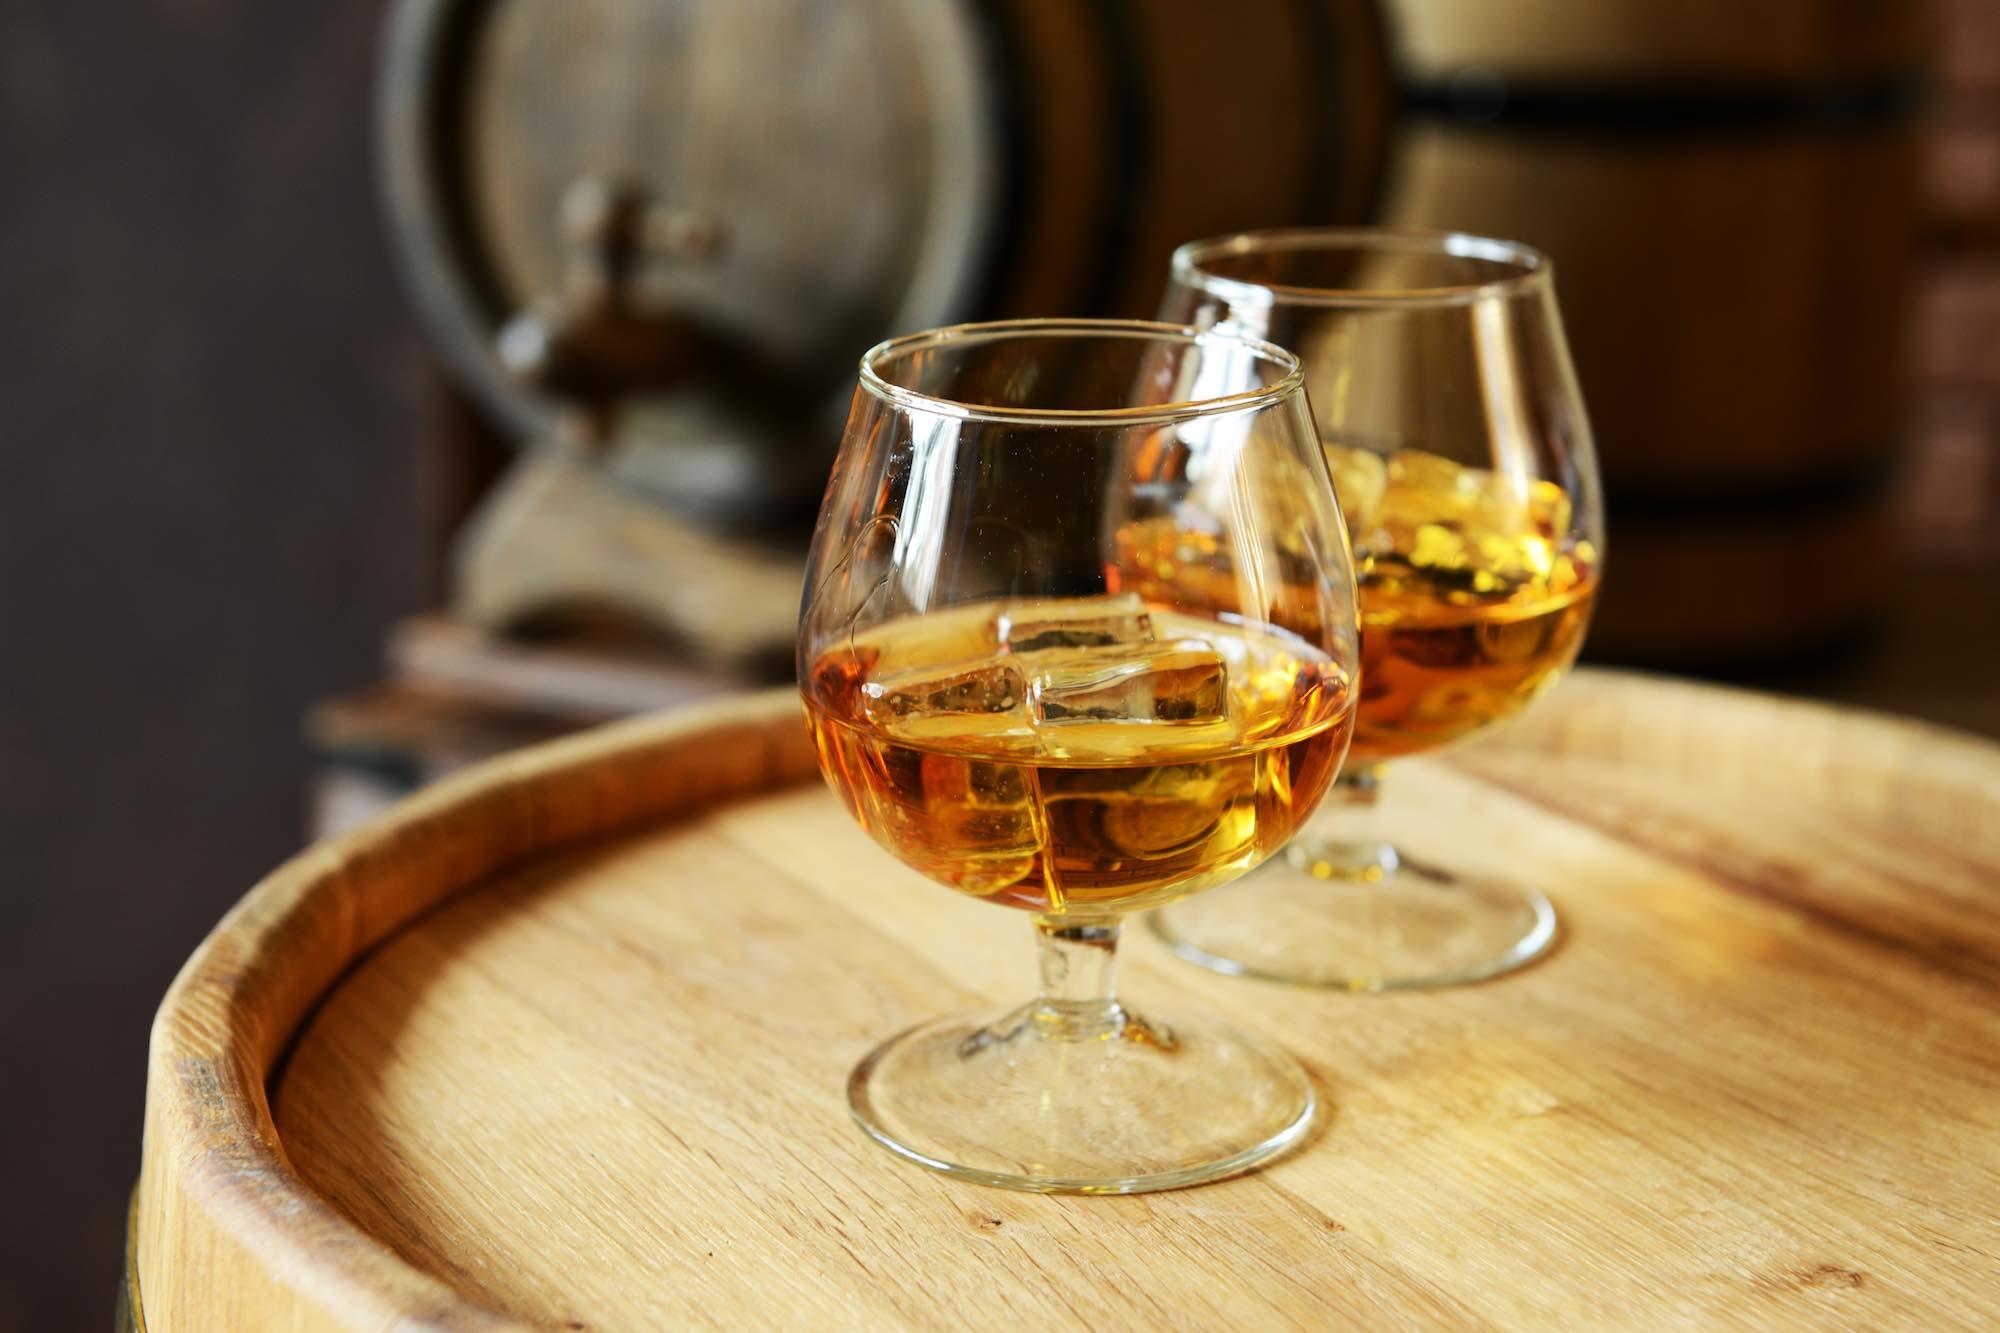 Bicchieri di brandy toscano su una botte di legno